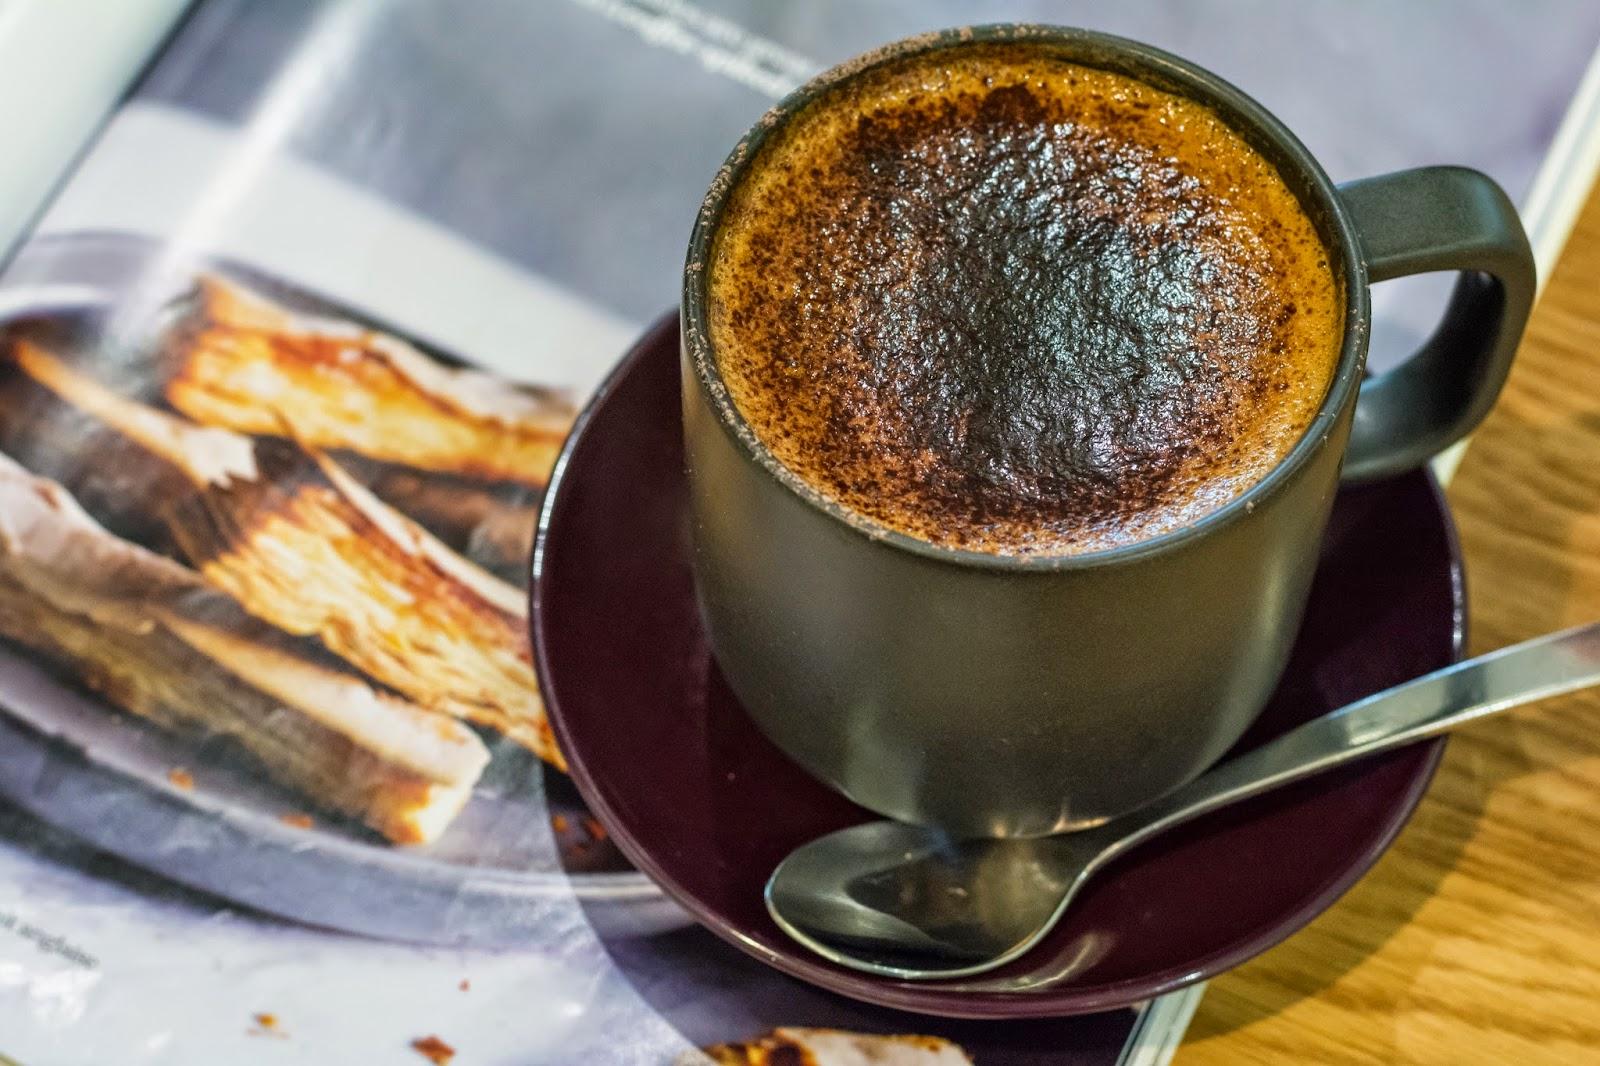 кофе с миндальным молоком